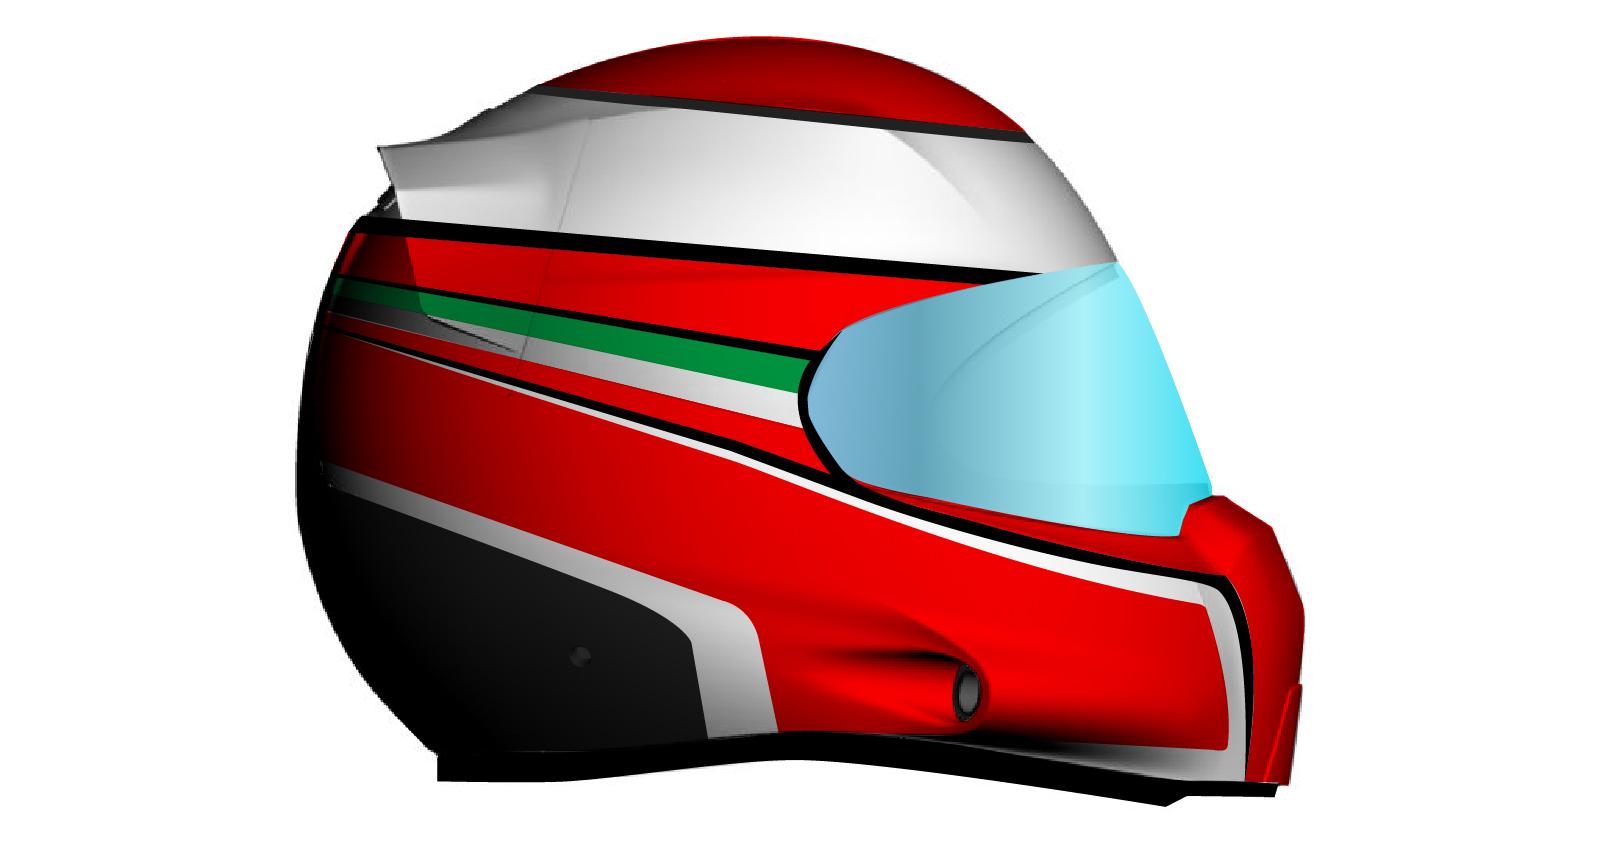 Dynamis PRC 2016 Helmet Design